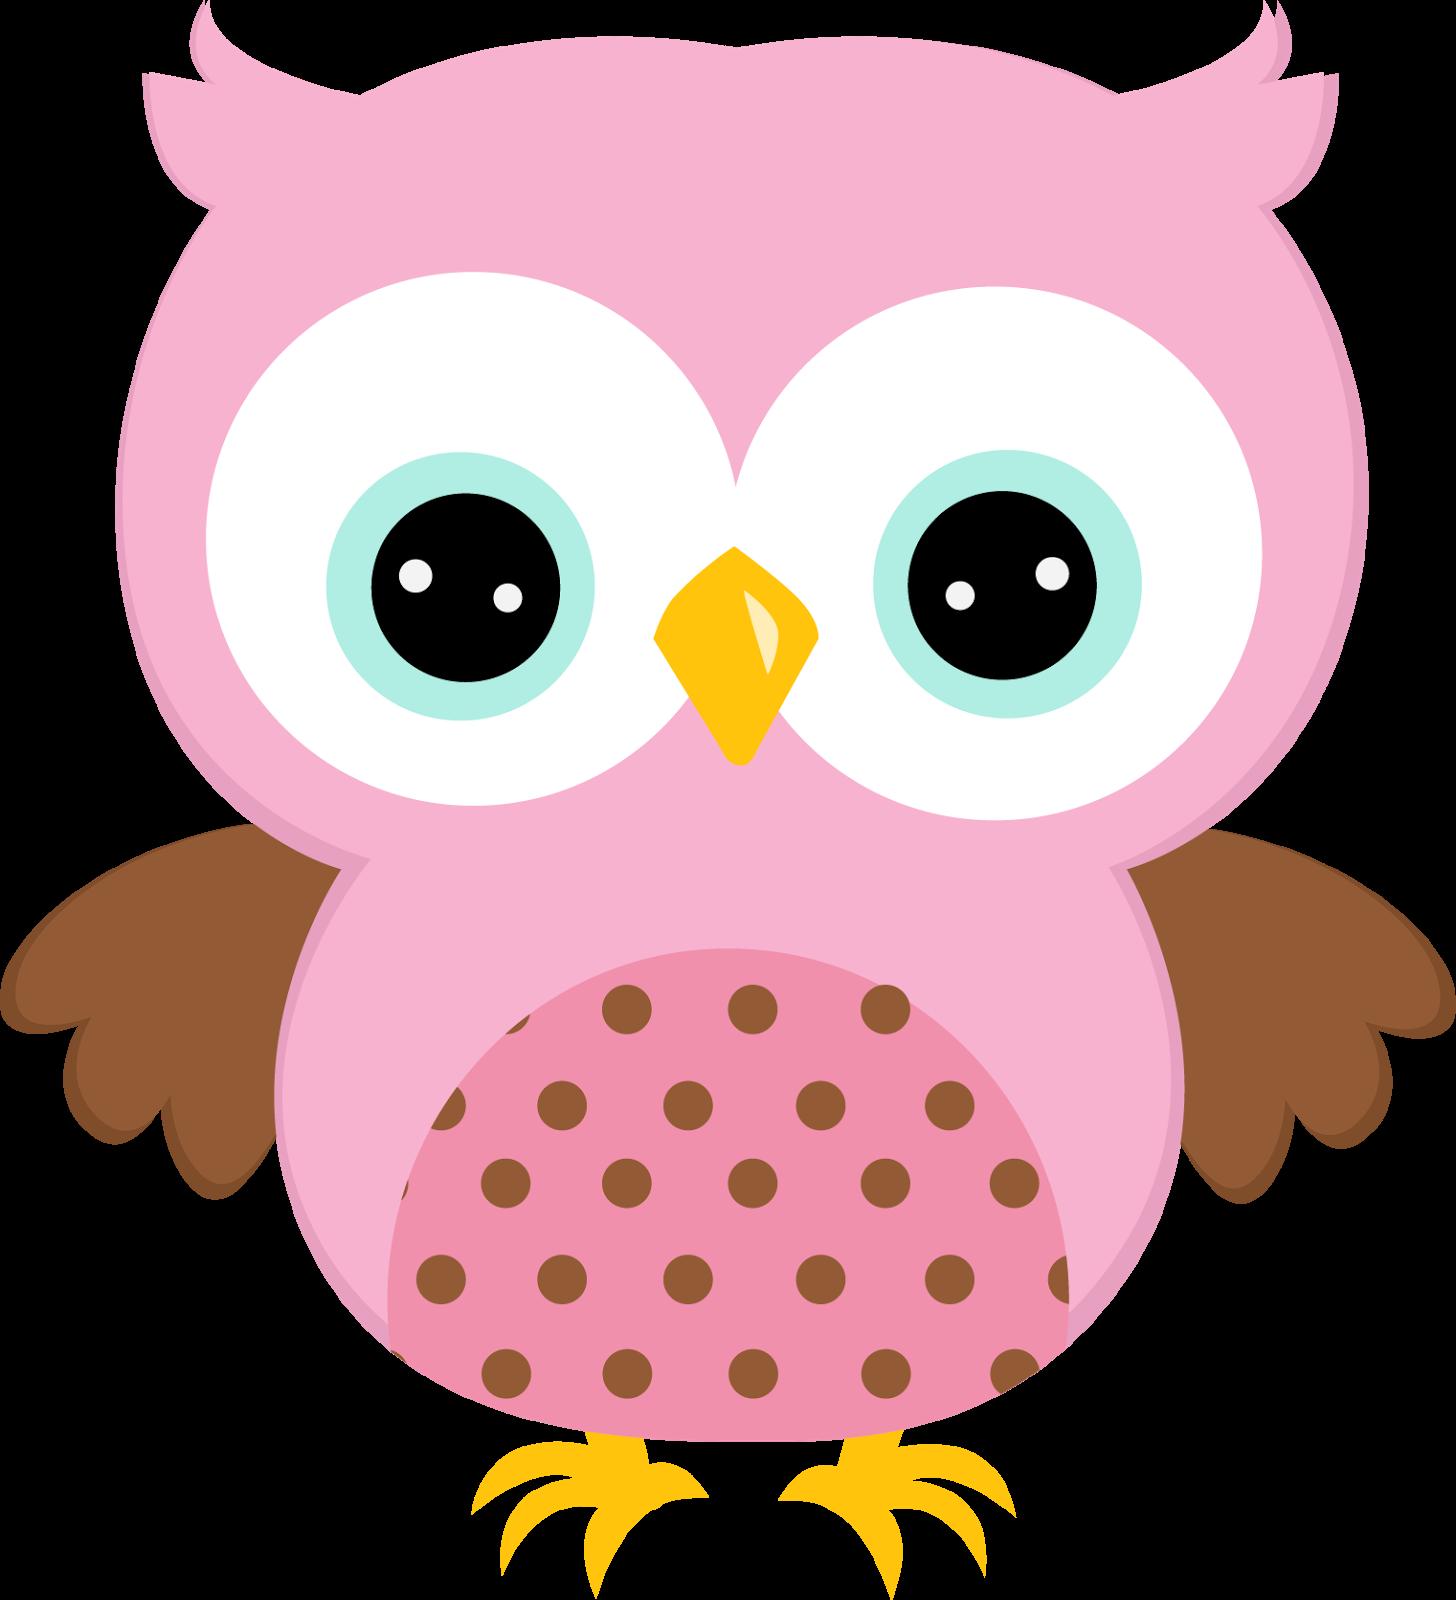 Floral clipart owl. Gifs y fondos pazenlatormenta